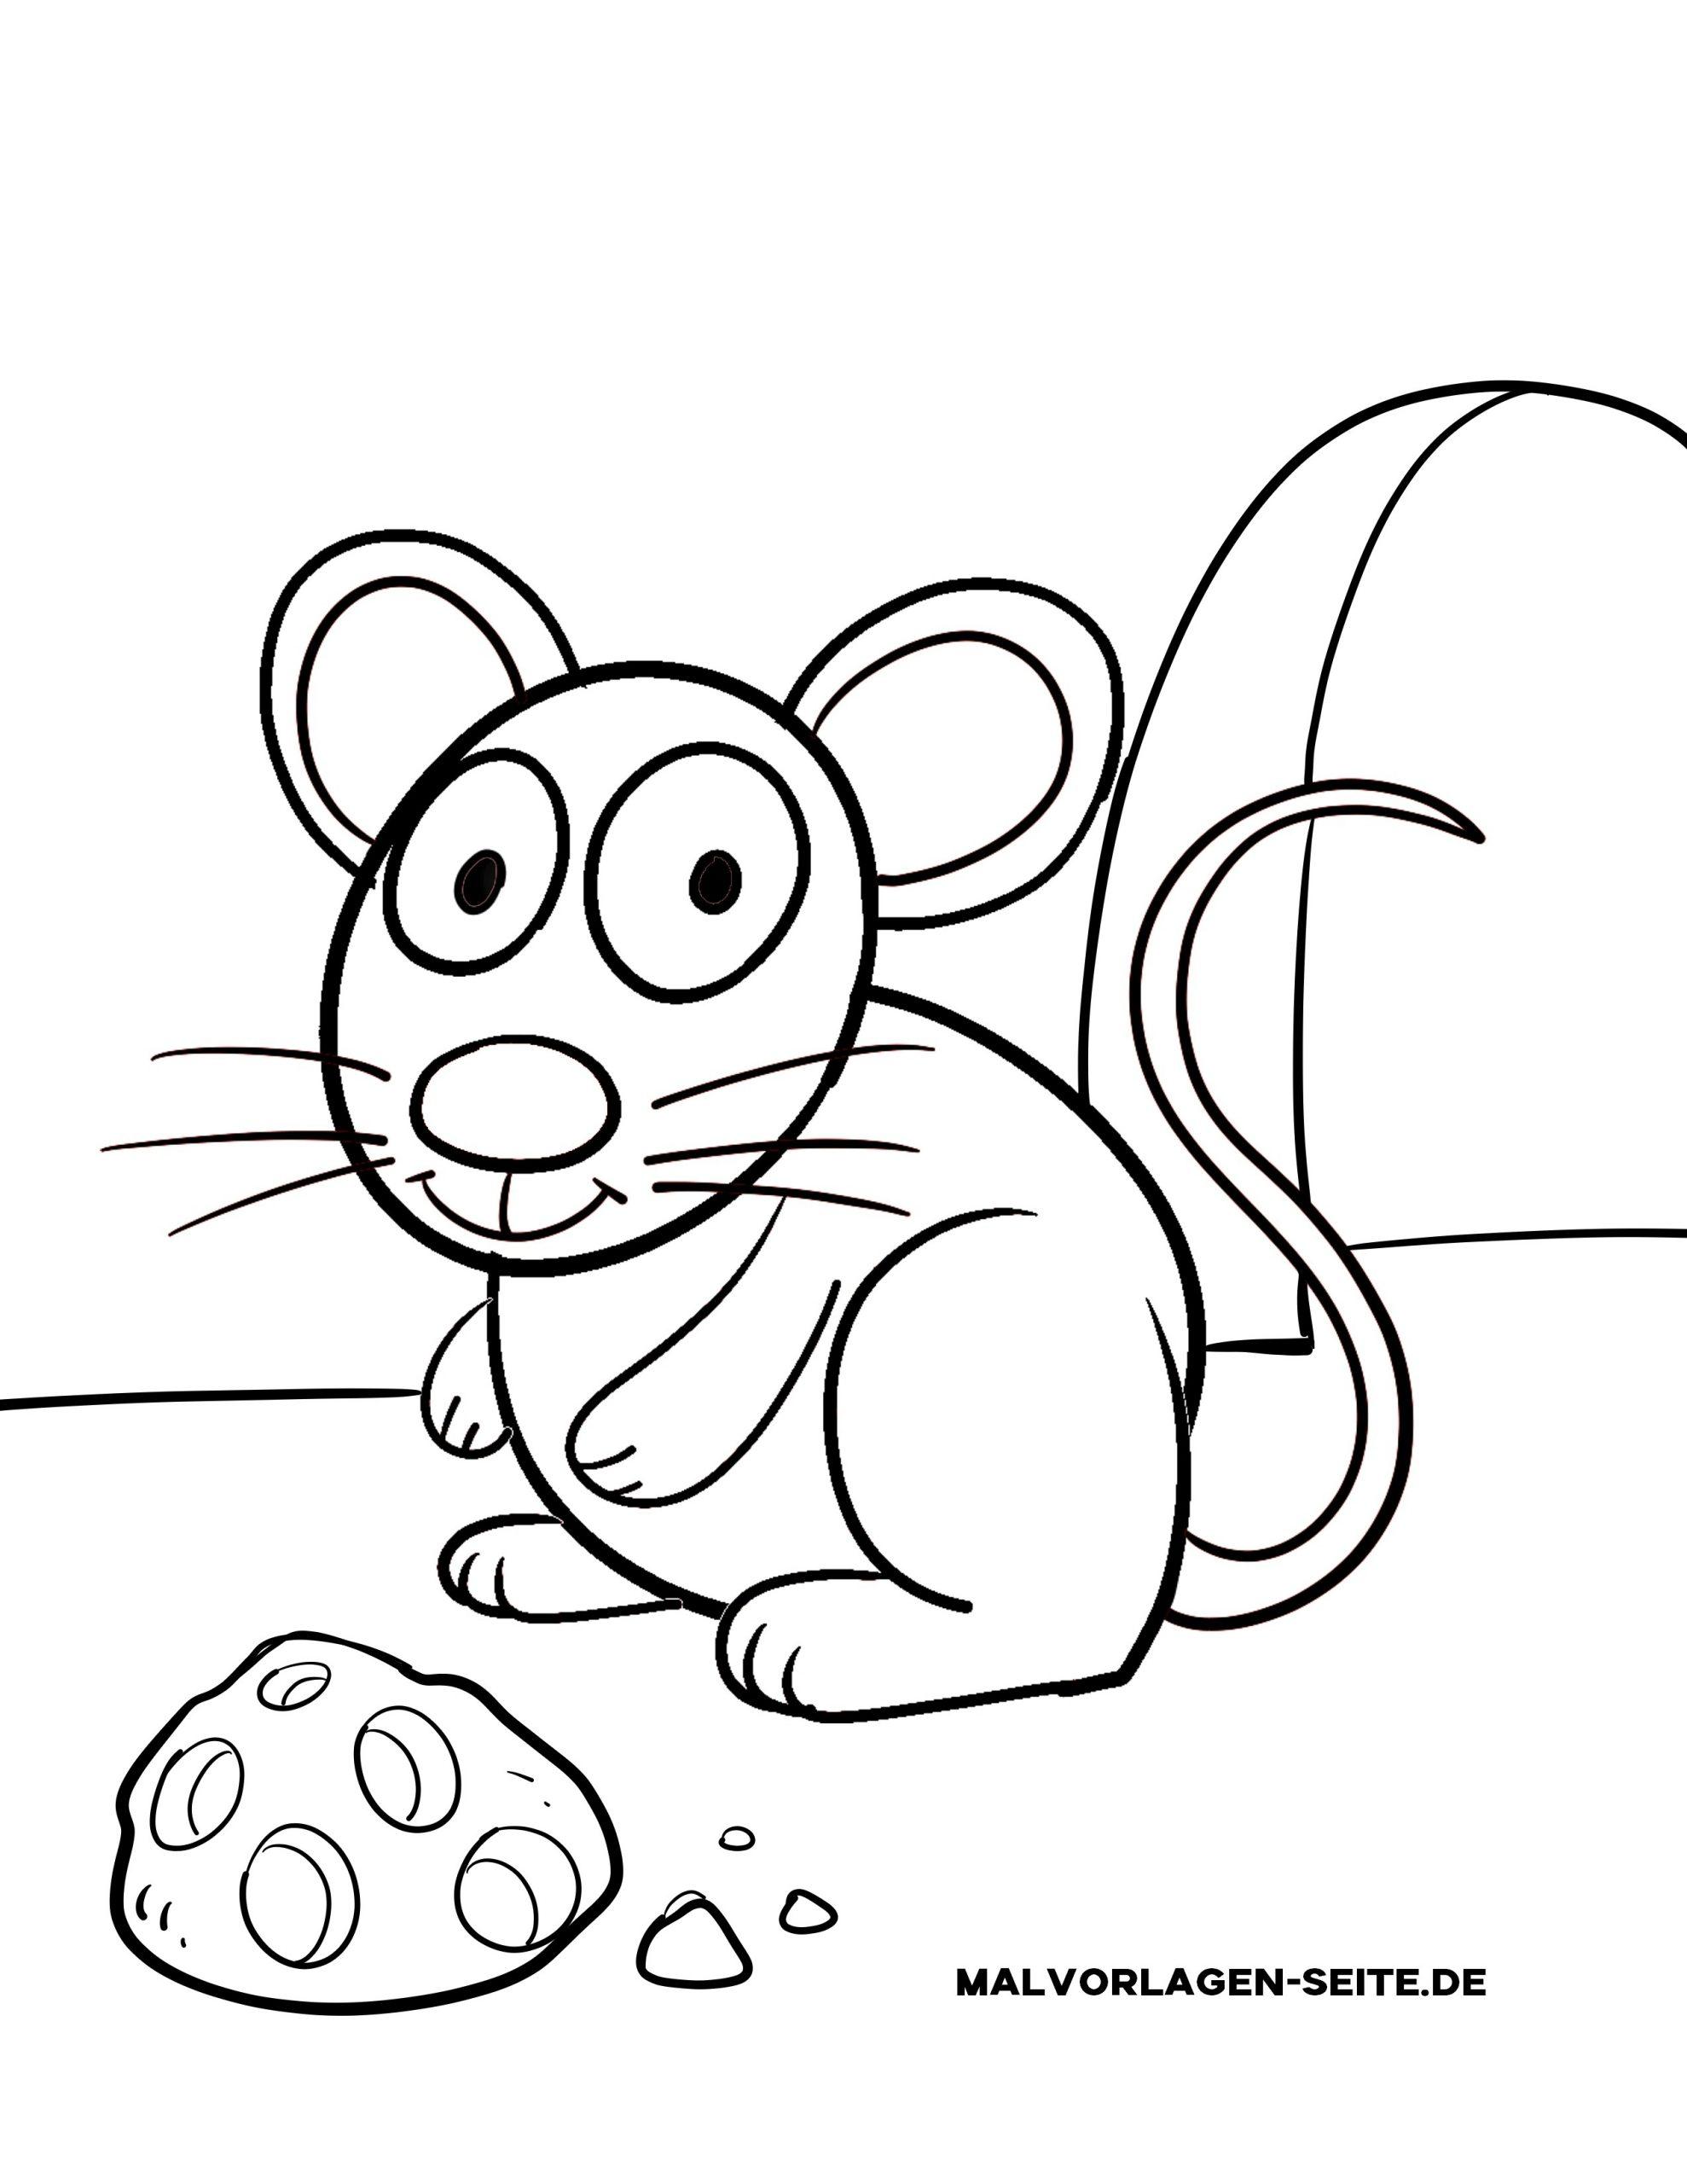 Malvorlage Kleine Kinder - Maus - Ausmalbilder Kostenlos verwandt mit Ausmalbilder Die Maus